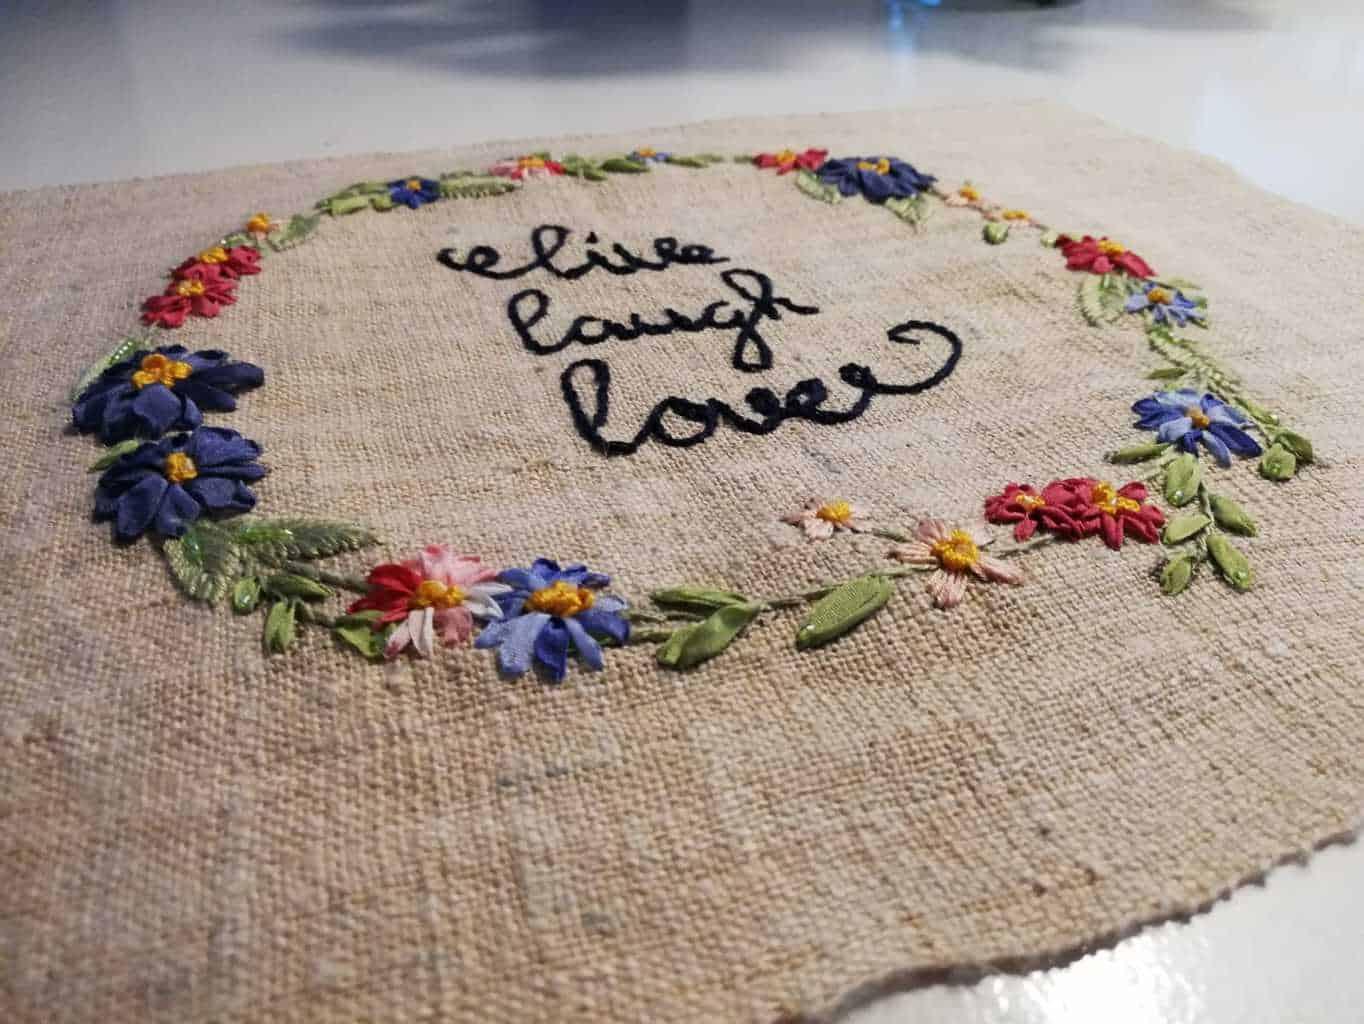 Bloemenkrans zijdelint borduren-4